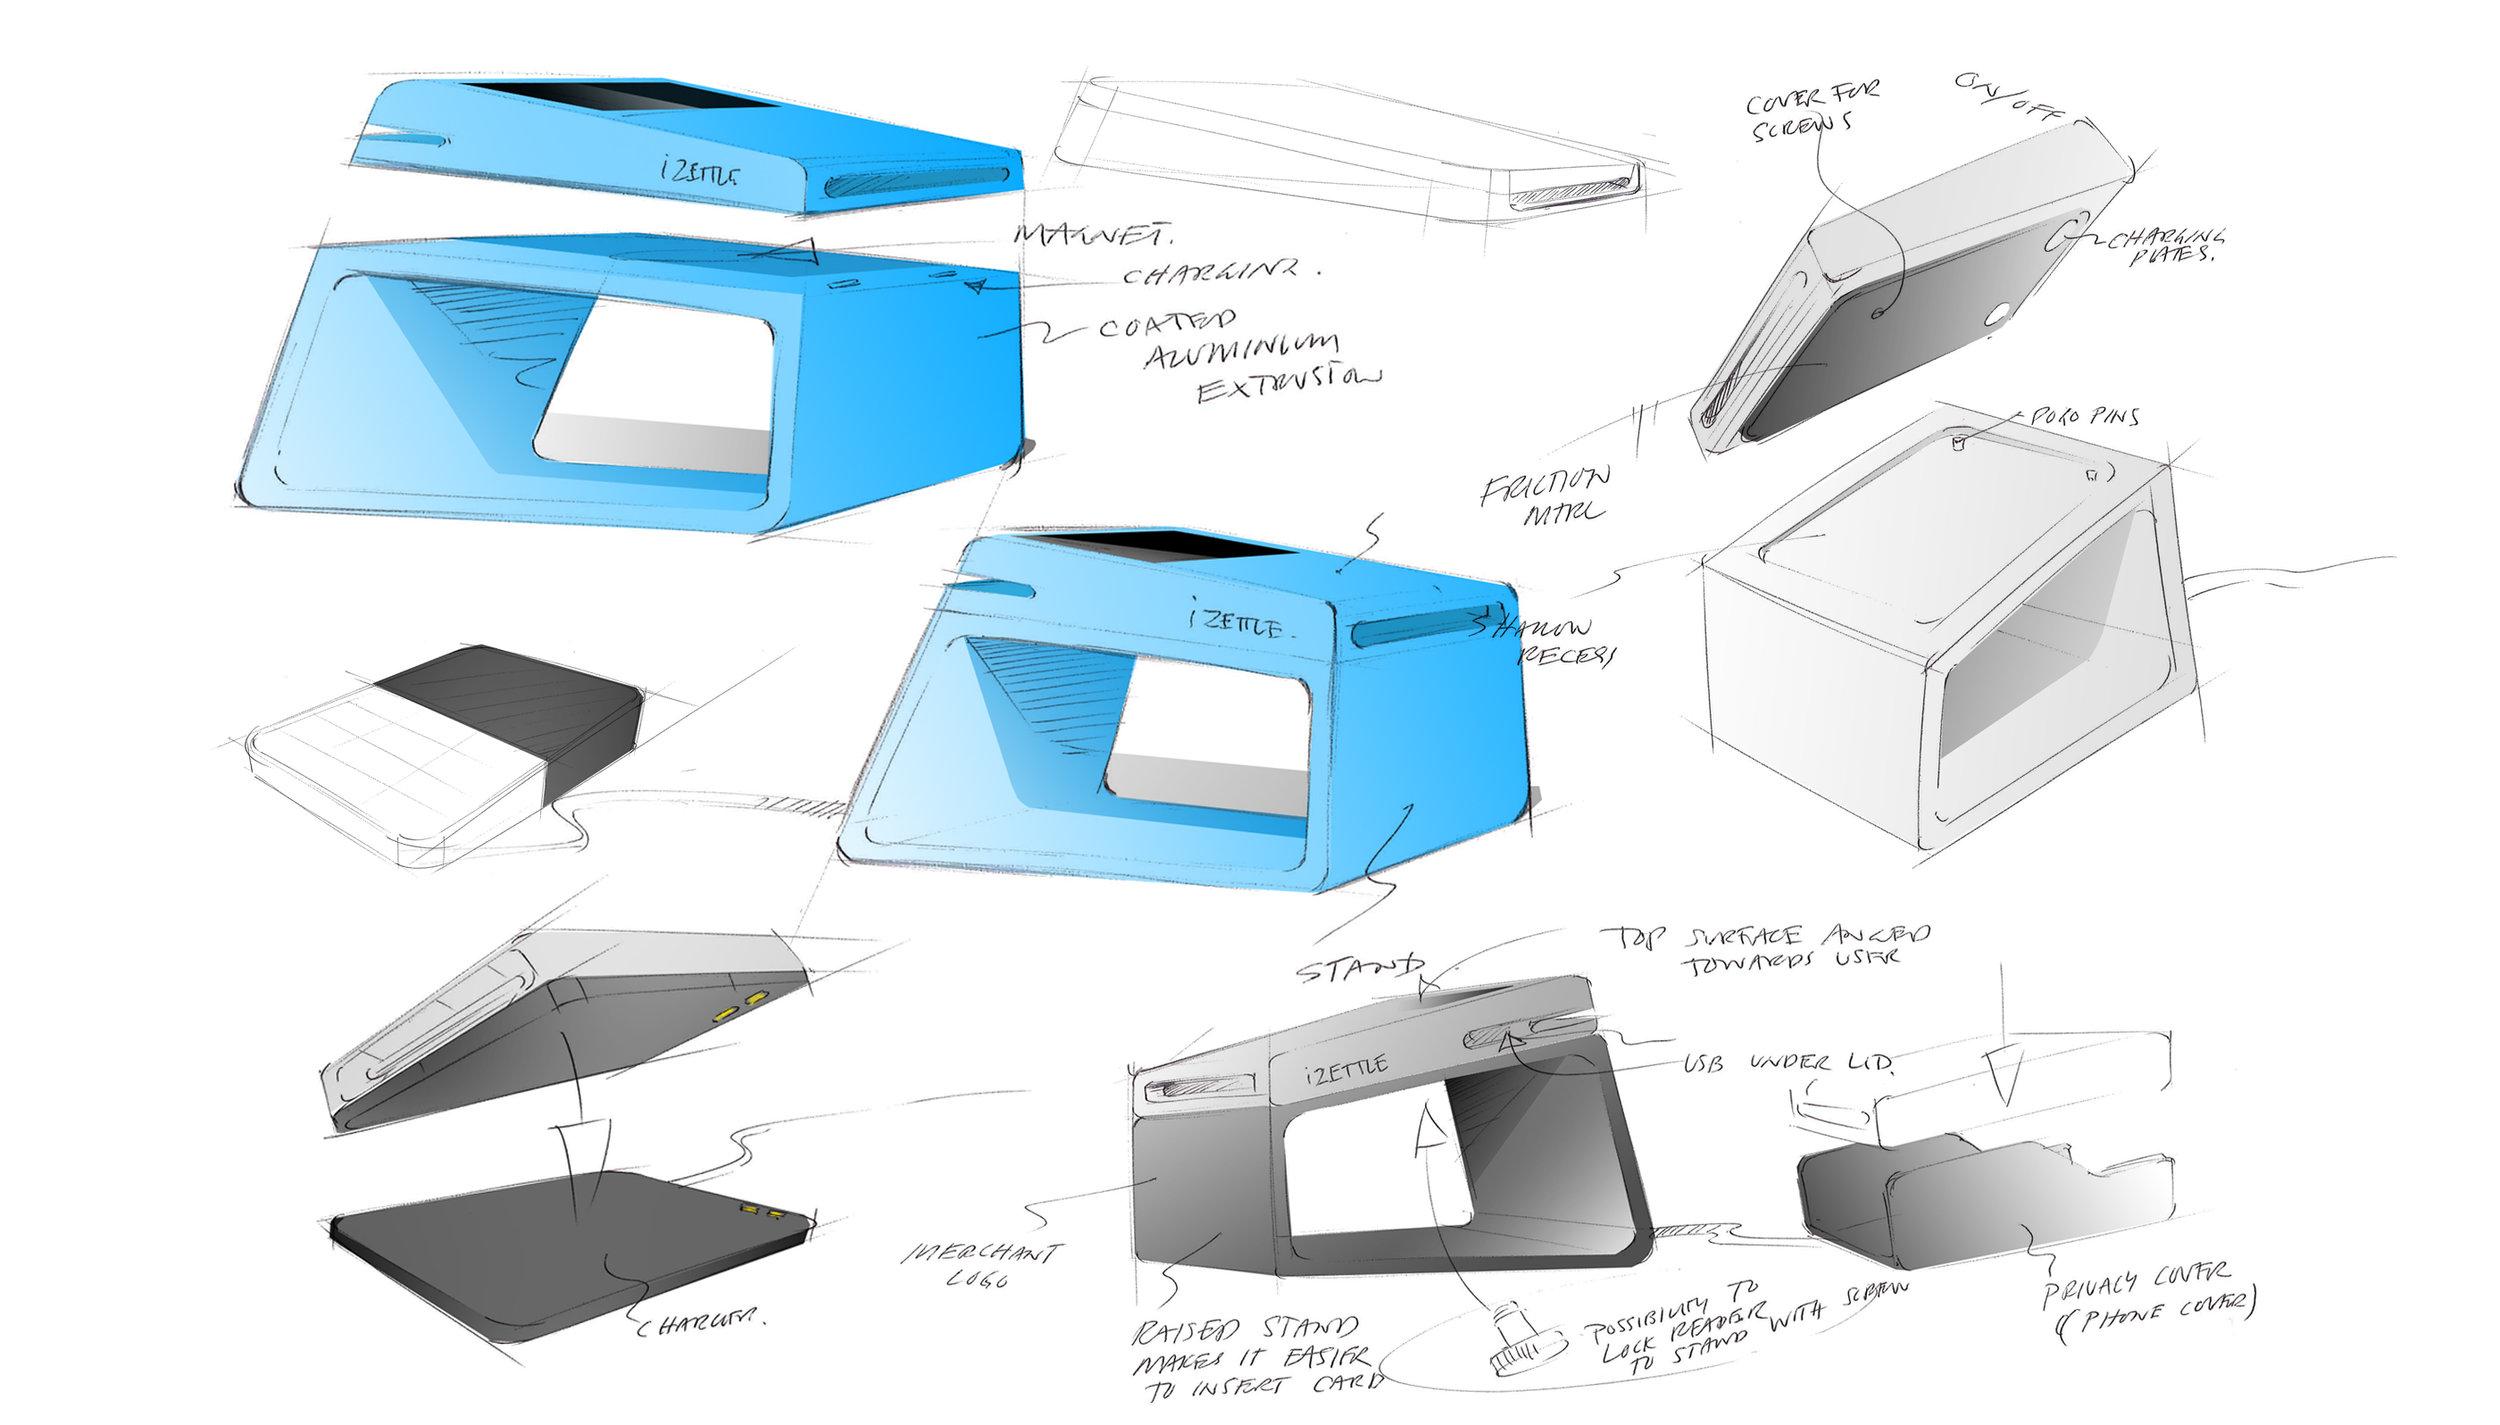 iZettle-Sketches-2700x1596.jpg